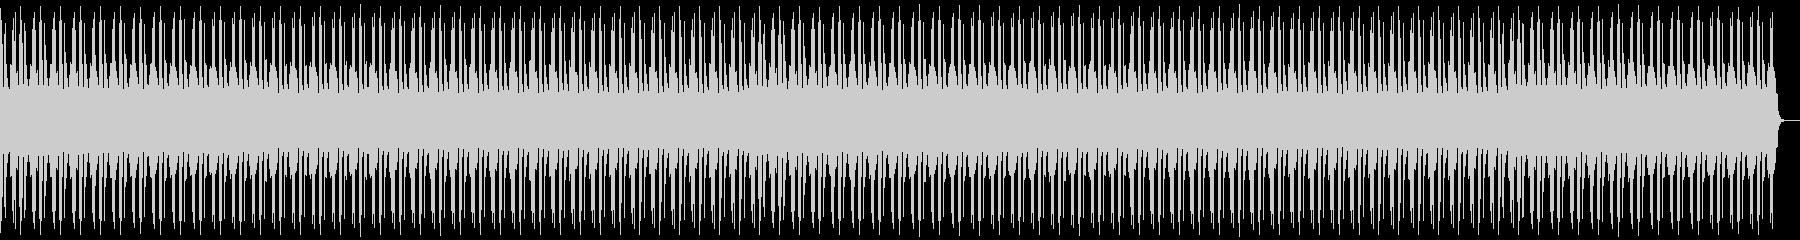 怪しい電子音とシンプルビートの未再生の波形